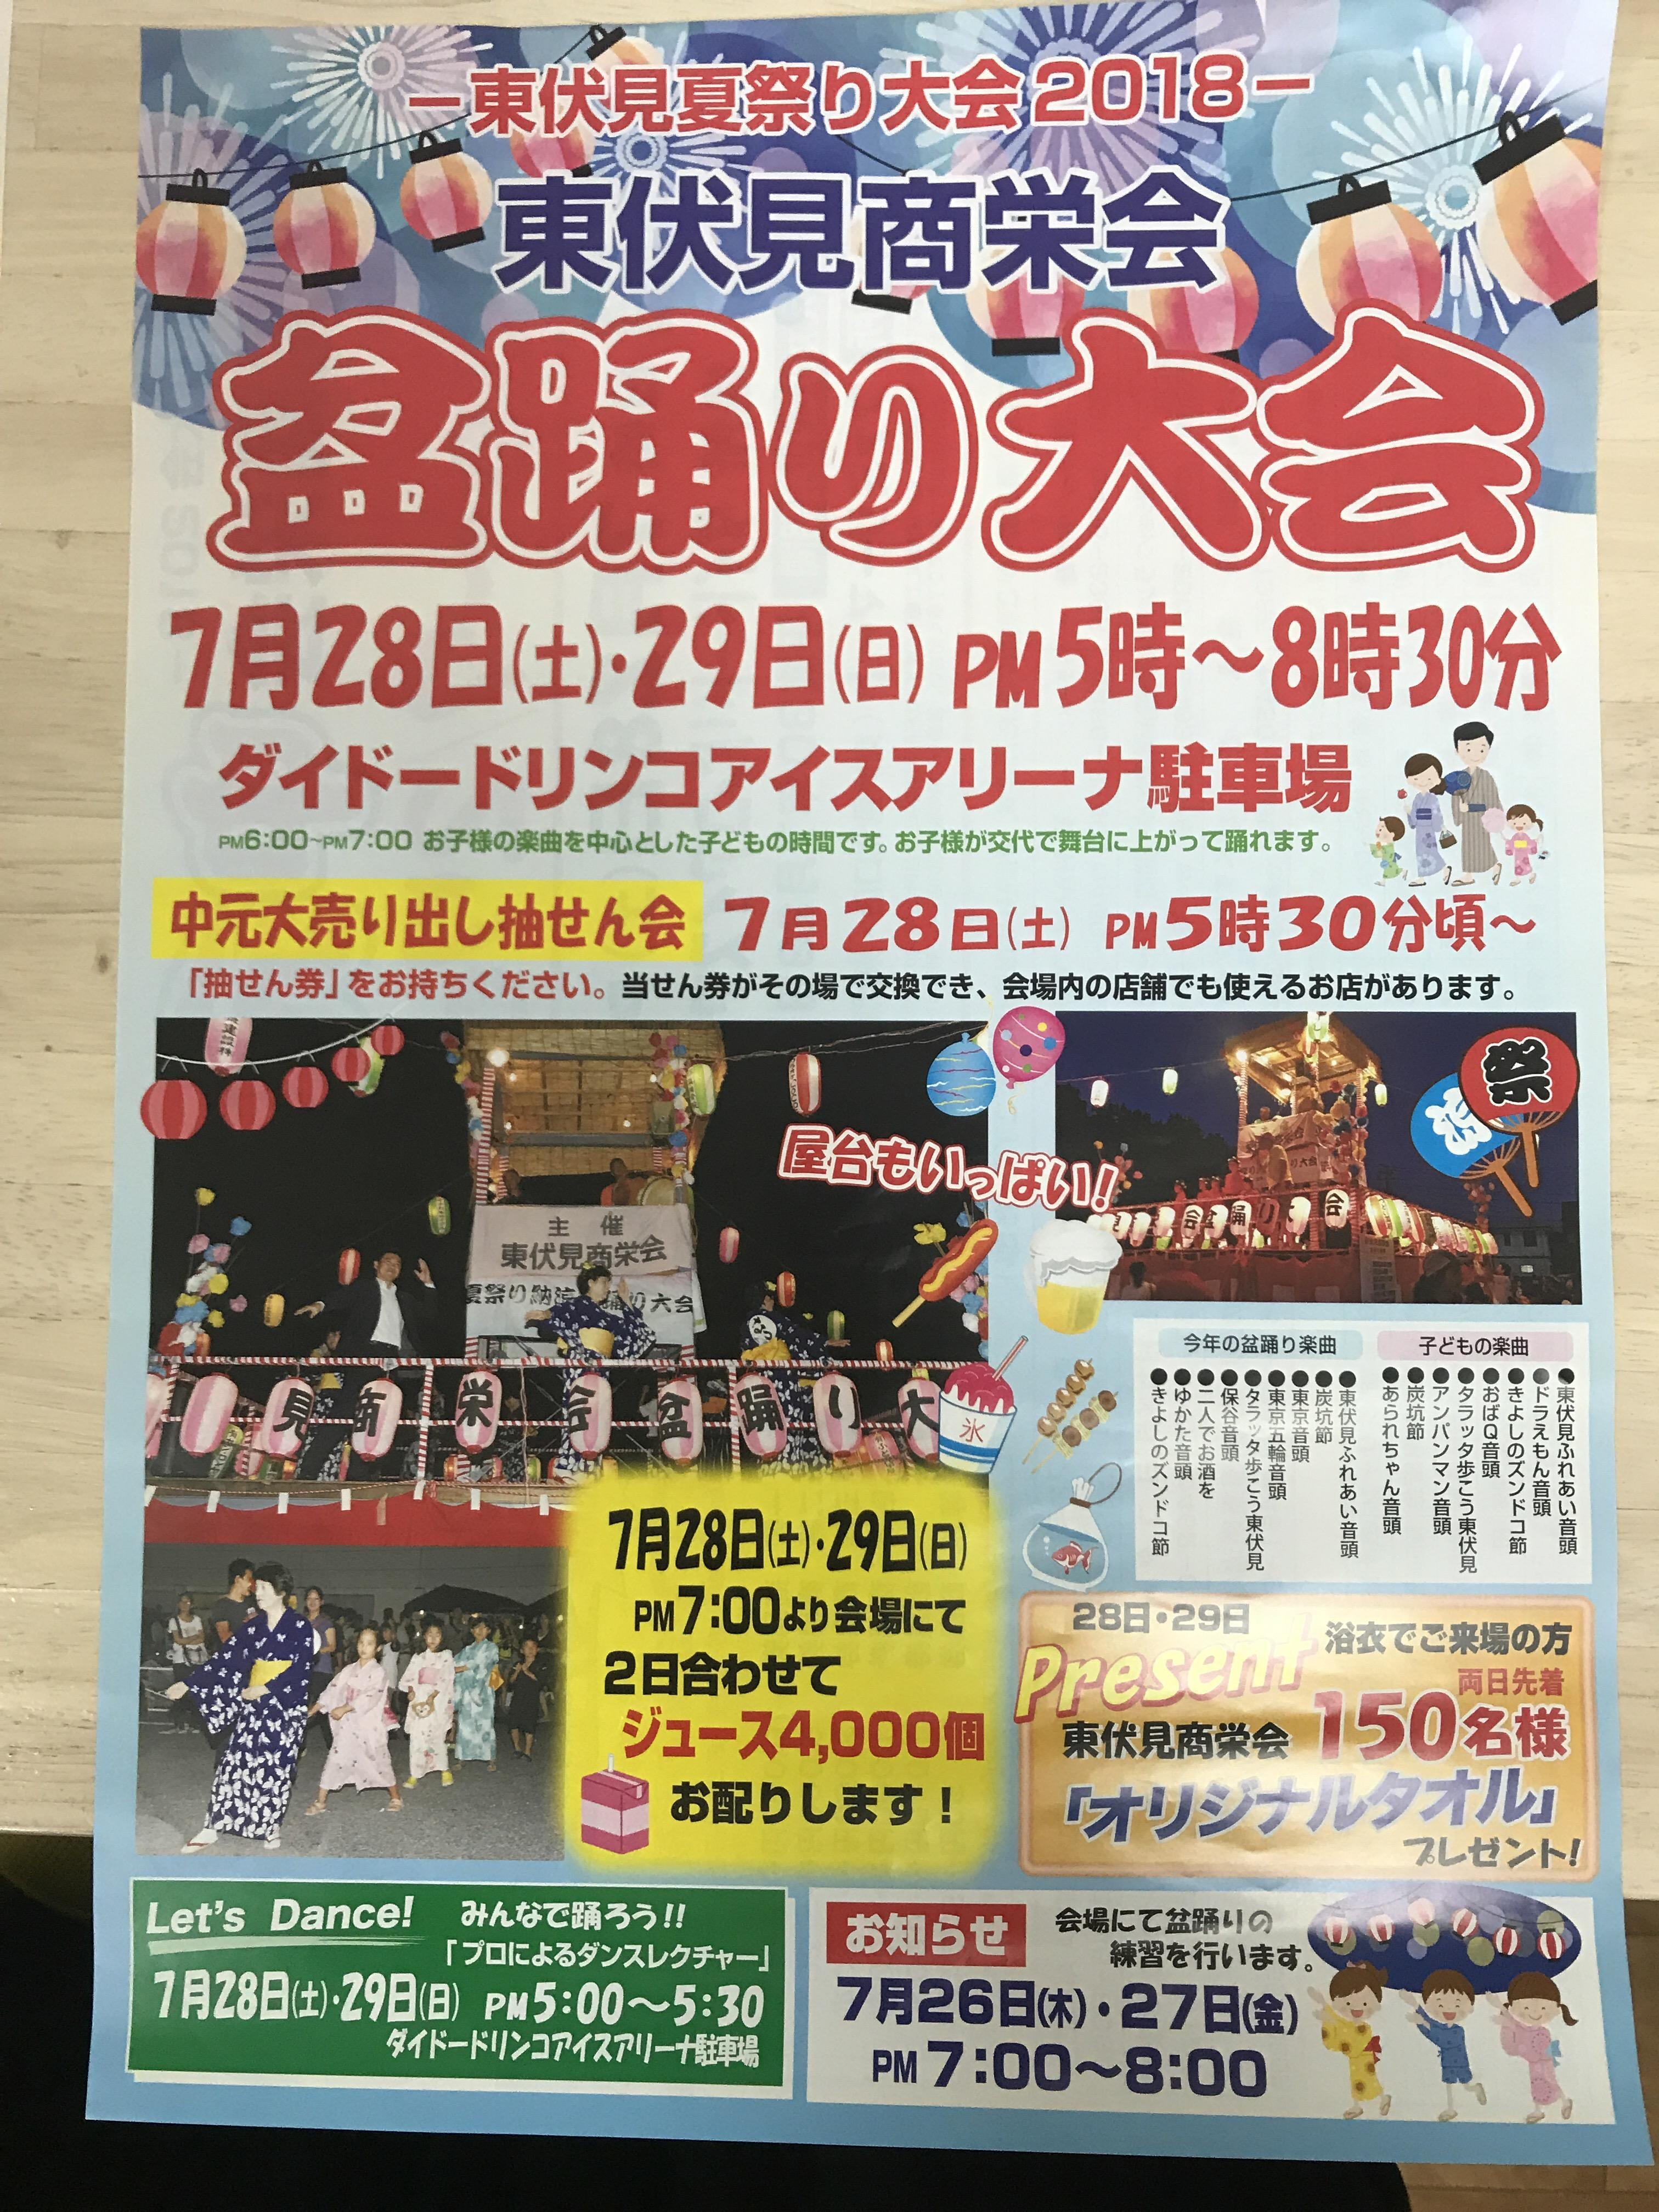 「東伏見商栄会 盆踊り大会 2018」